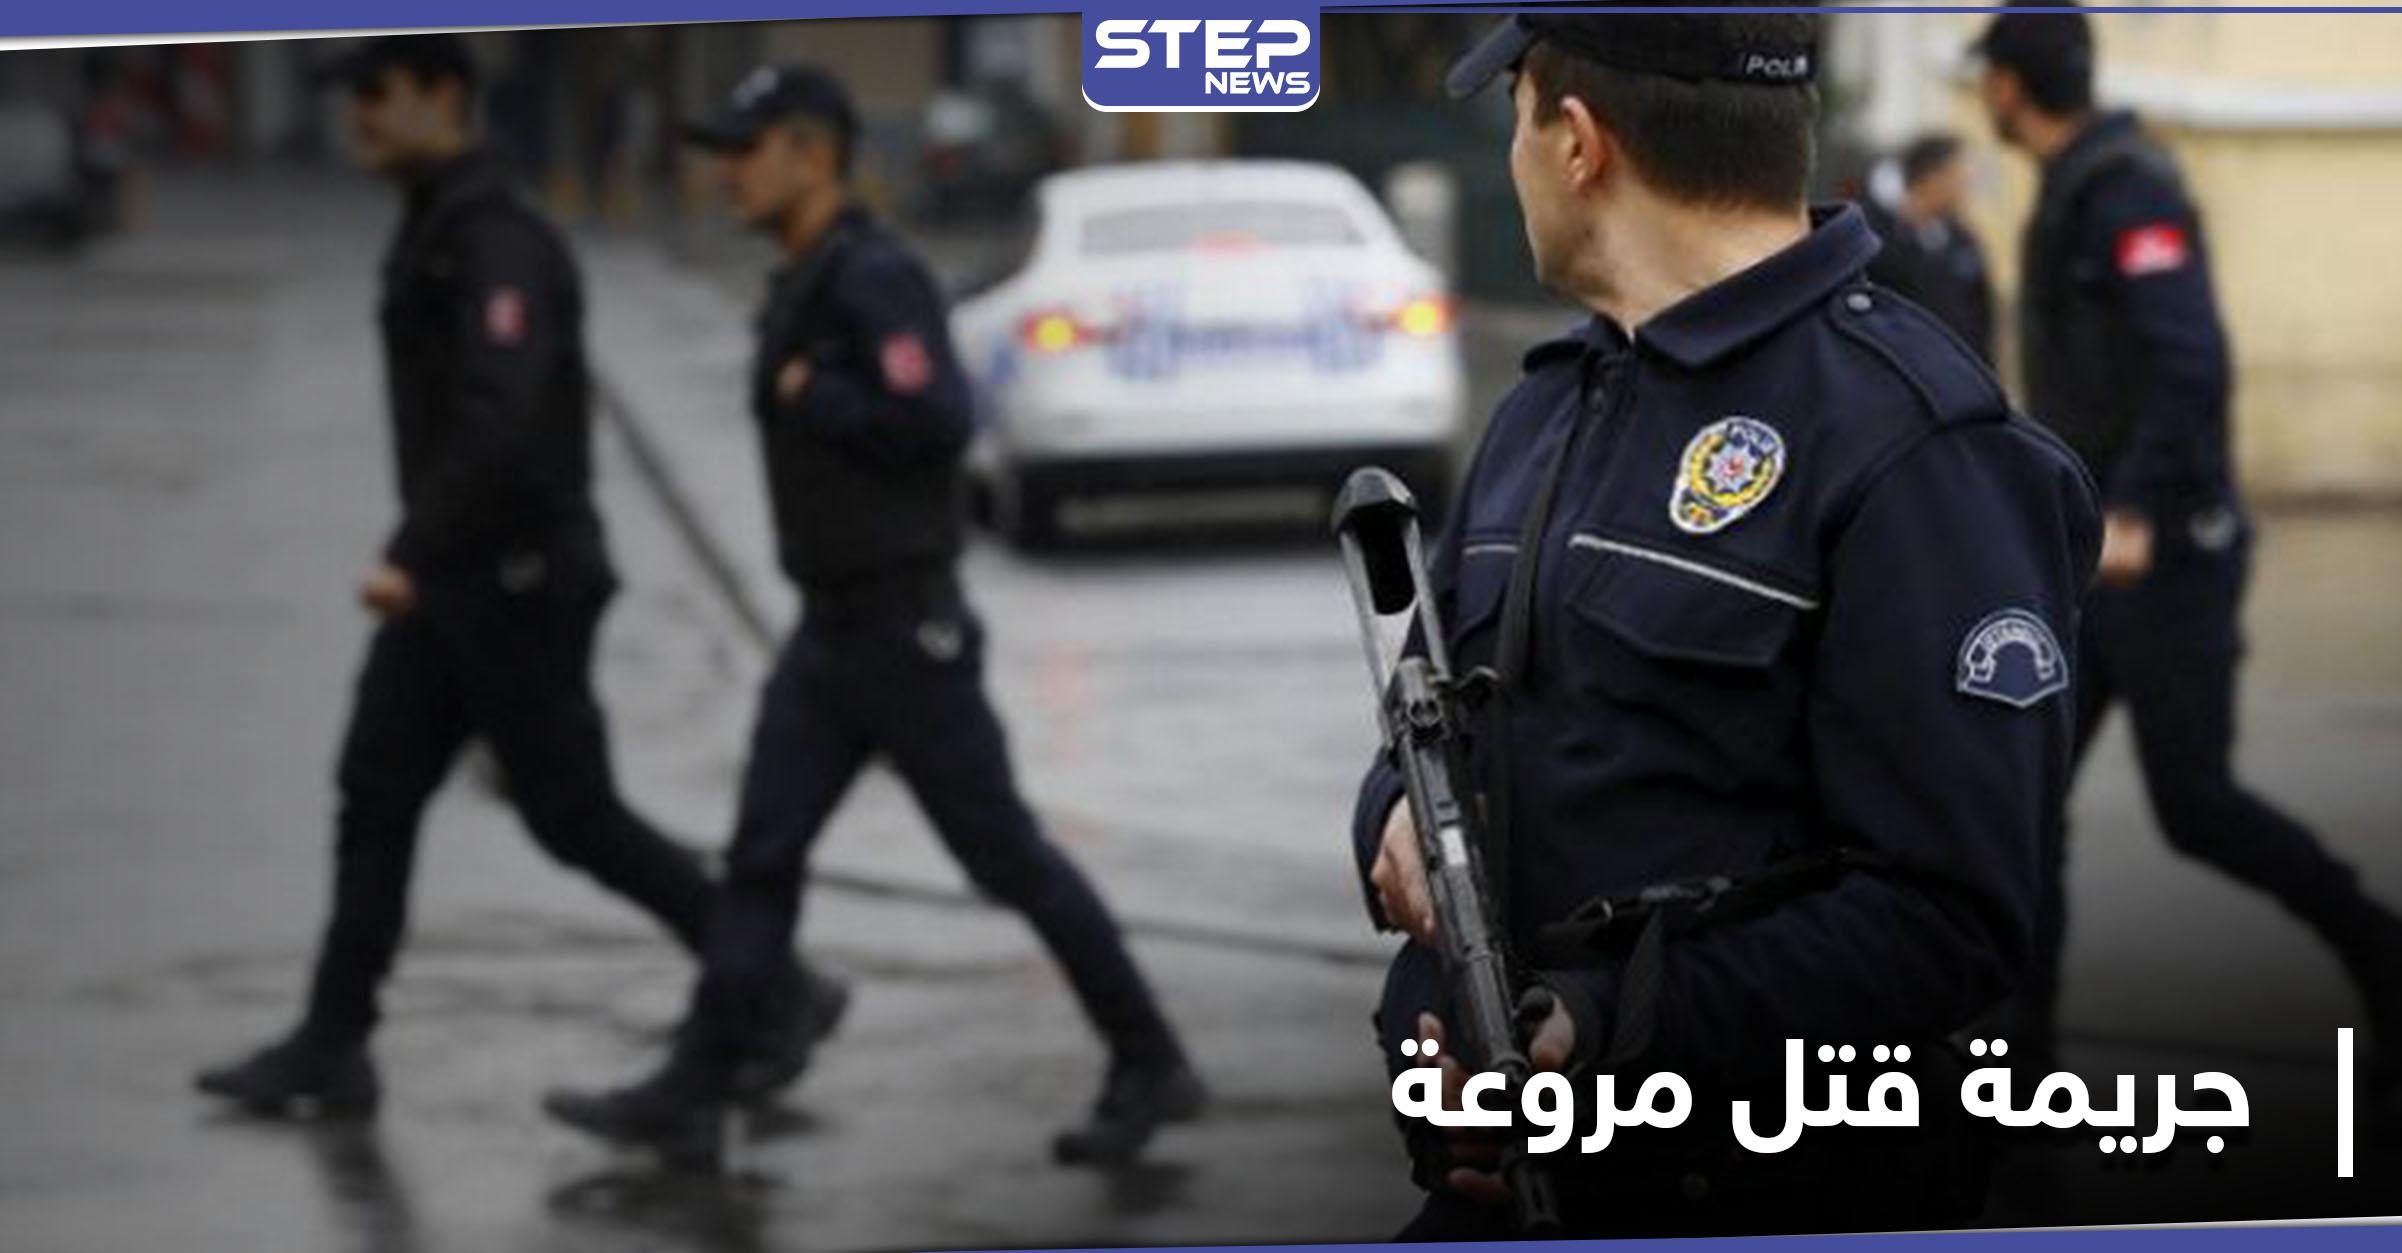 جريمة هزّت ولاية كهرمان مرعش التركية